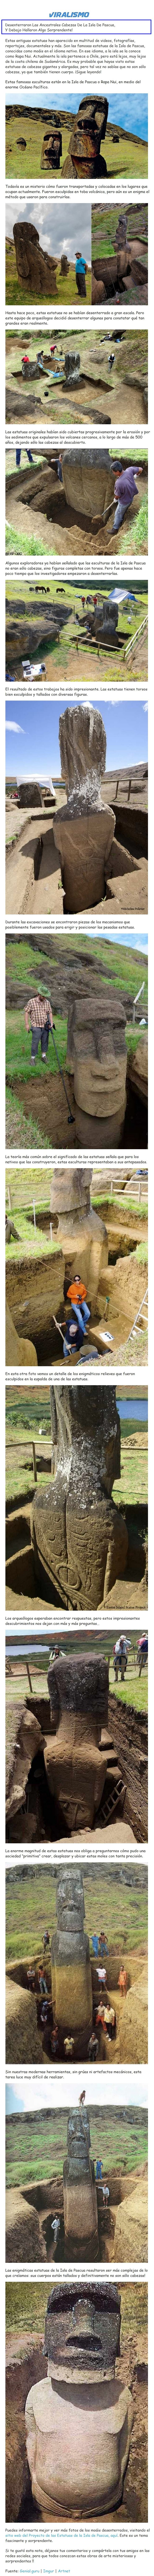 Desenterraron las ancestrales cabezas de la Isla de Pascua, y debajo hallaron algo sorprendente!   | Viralismo